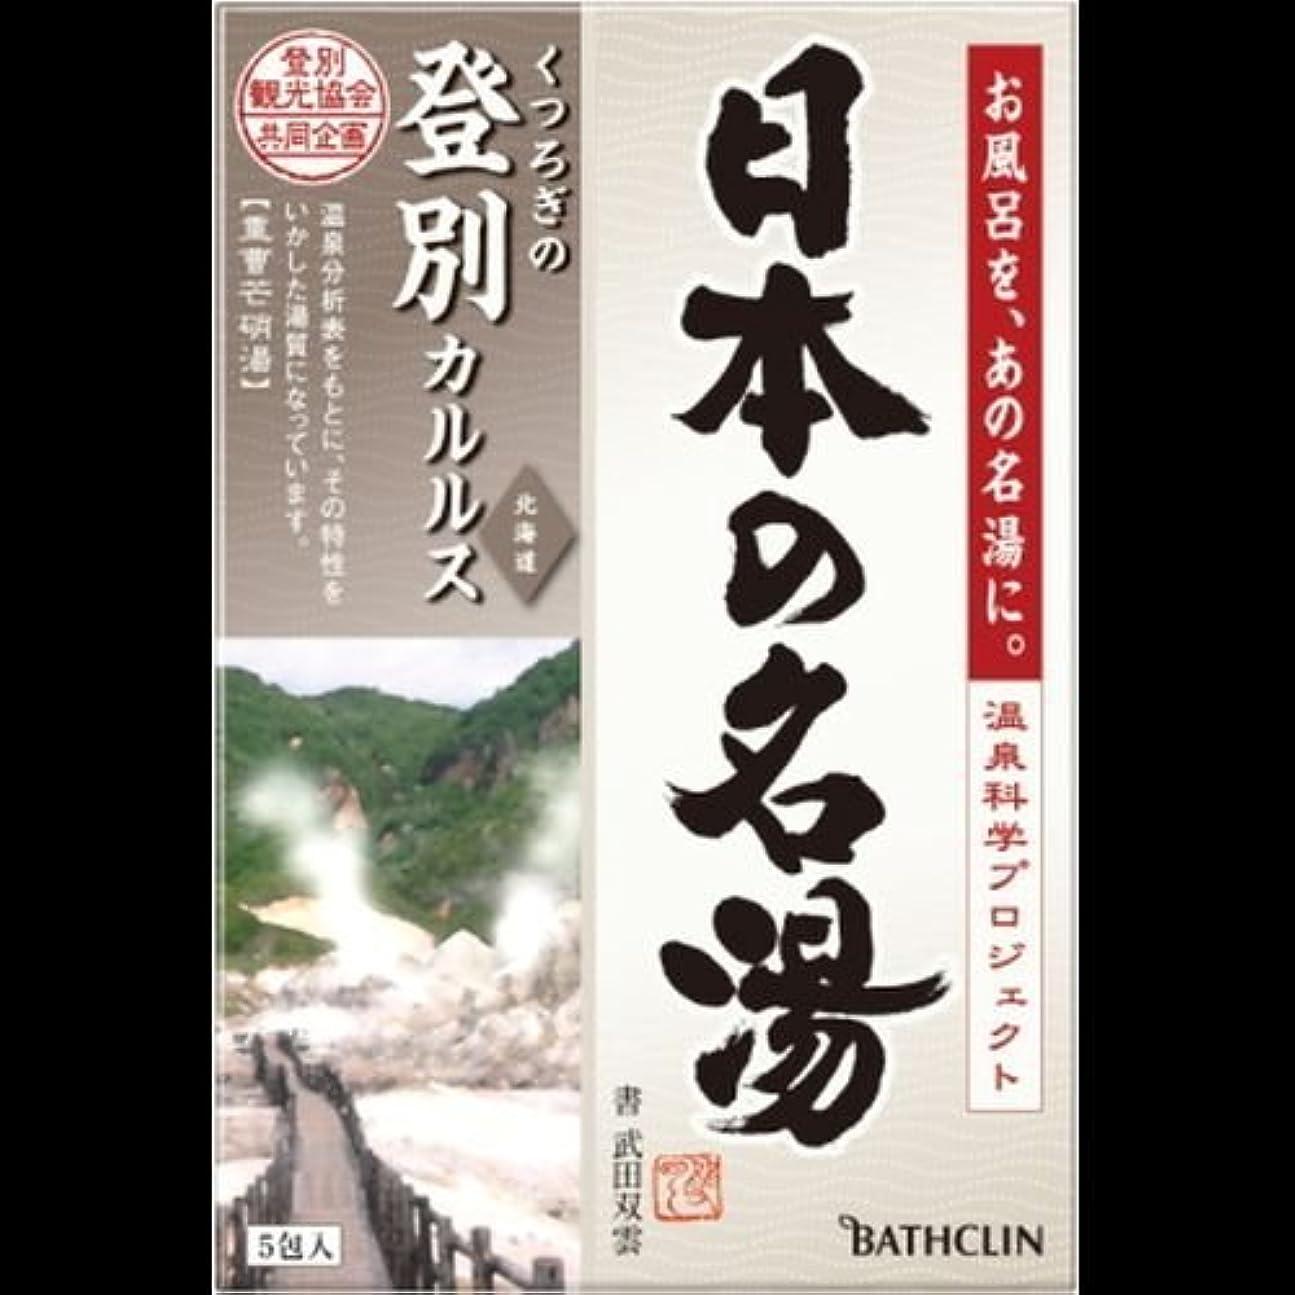 殺しますでサンダース【まとめ買い】日本の名湯 登別カルルス 5包 ×2セット